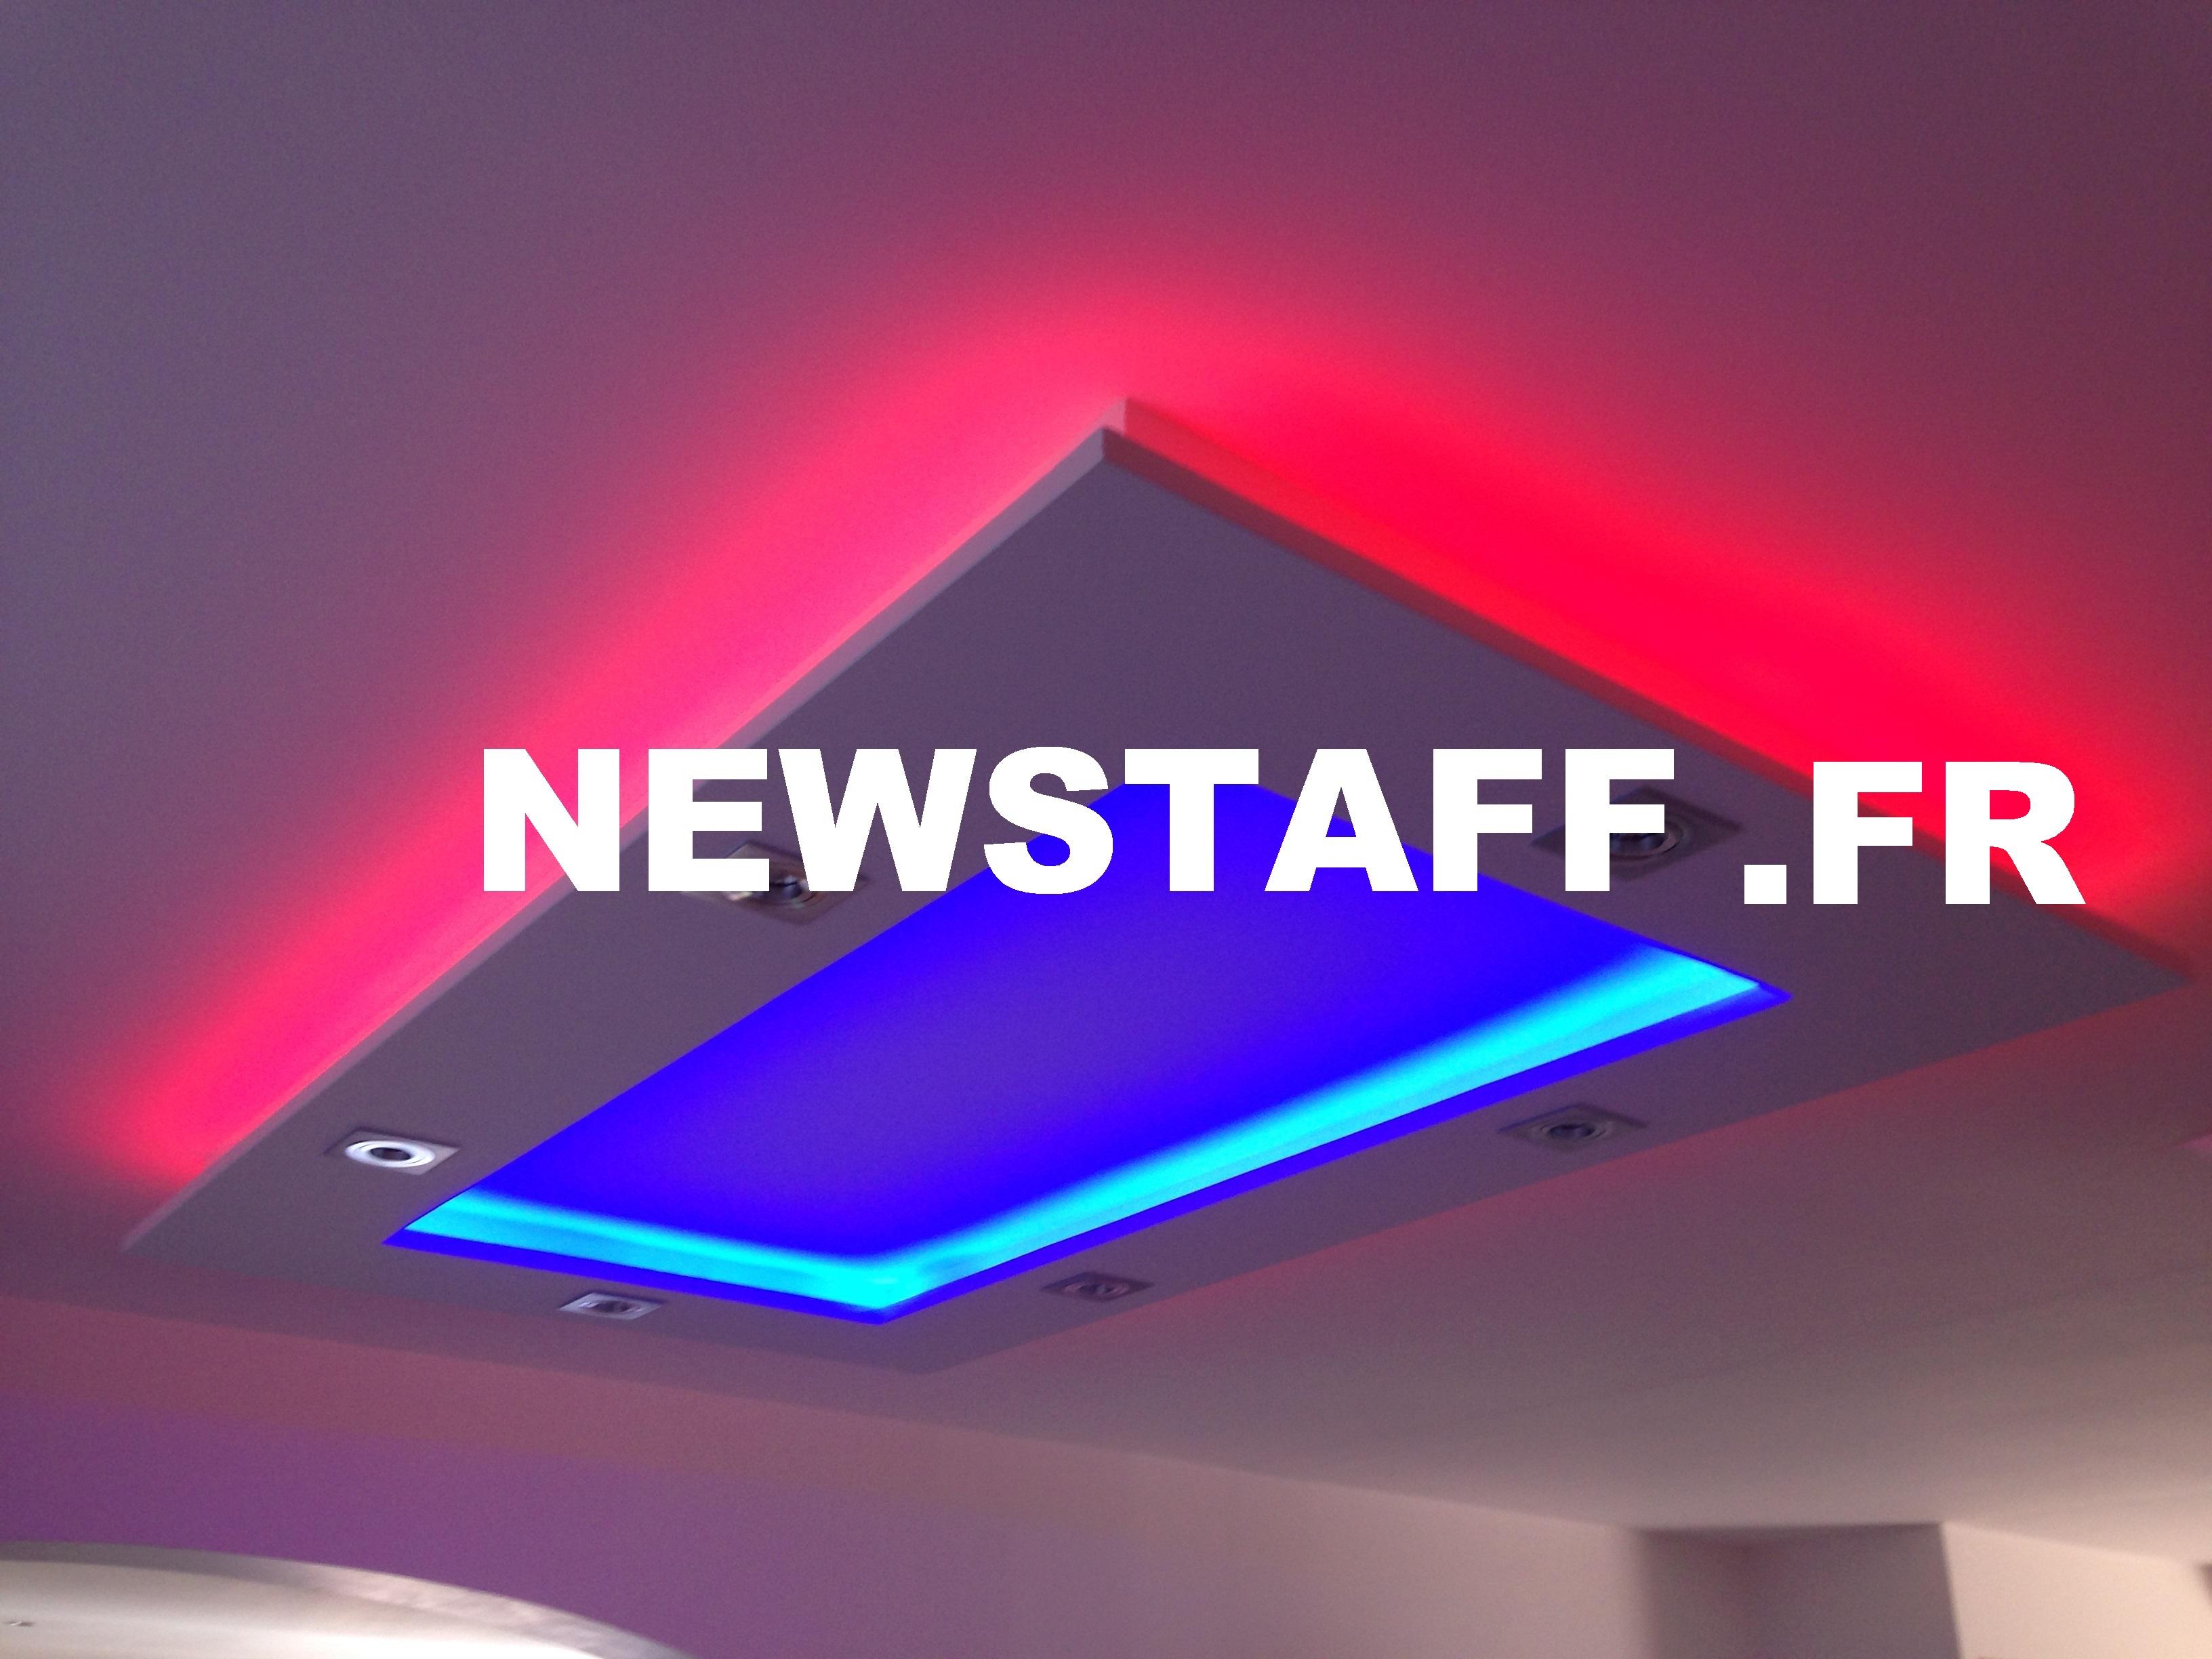 NEWSTAFF